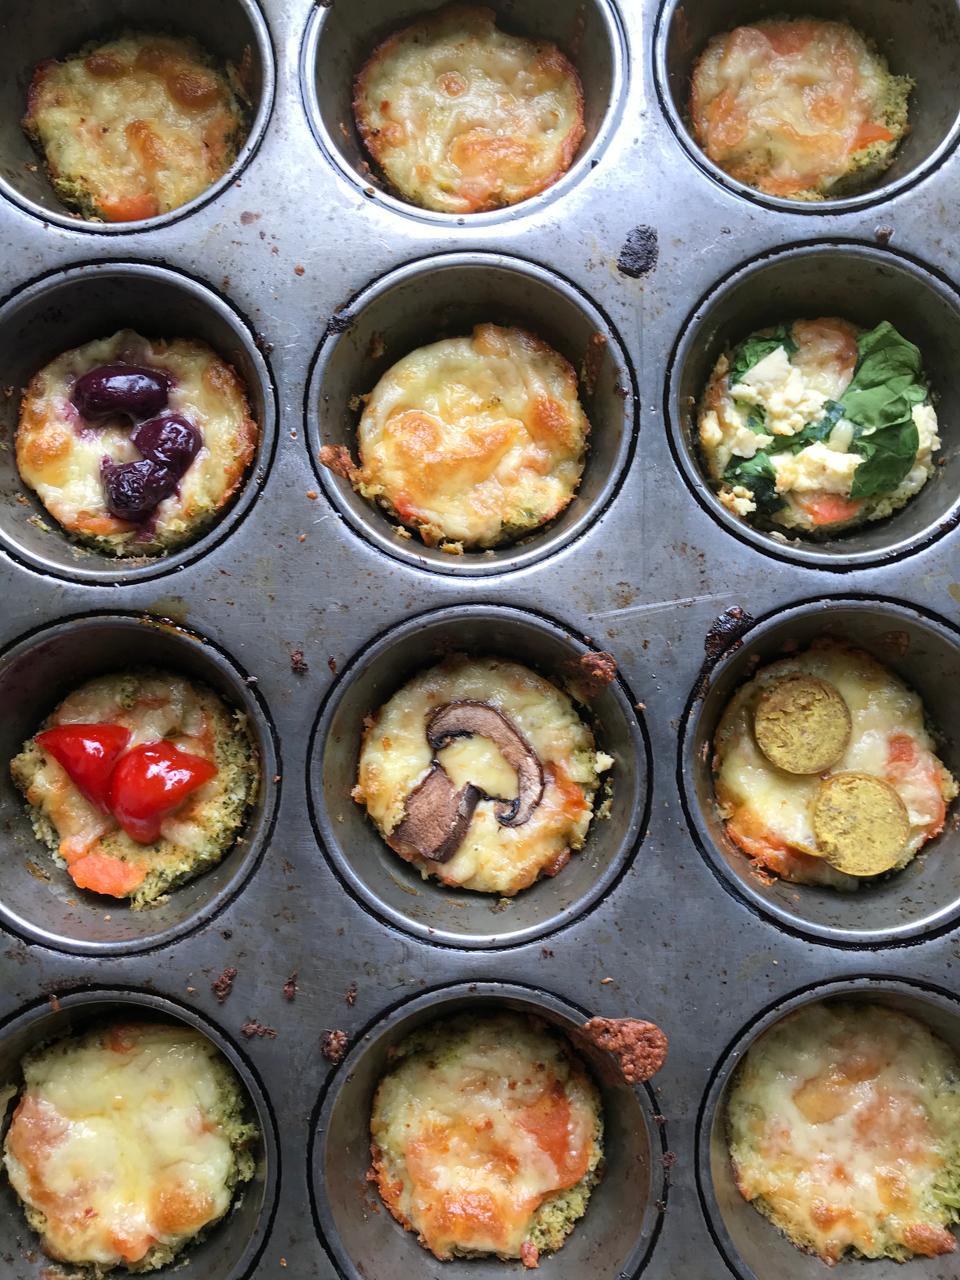 Baking cauliflower pizza in muffin tin